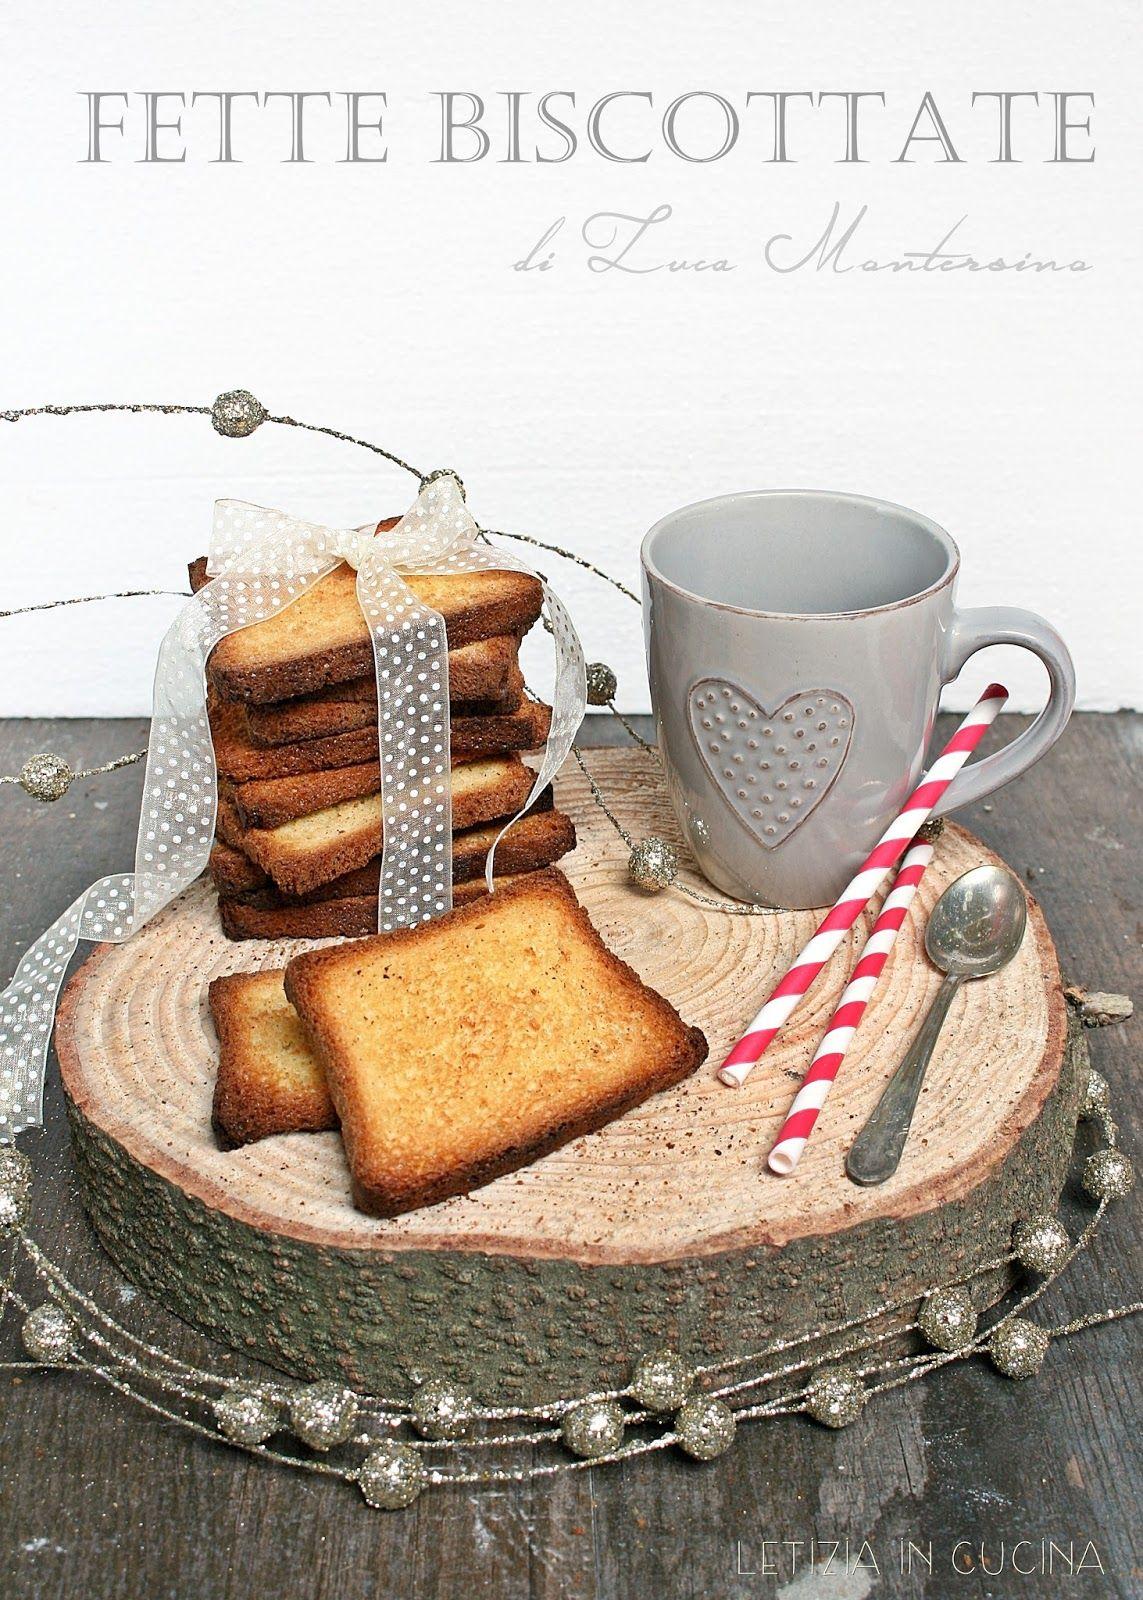 Letizia in Cucina: Fette biscottate di Luca Montersino | B&B ...